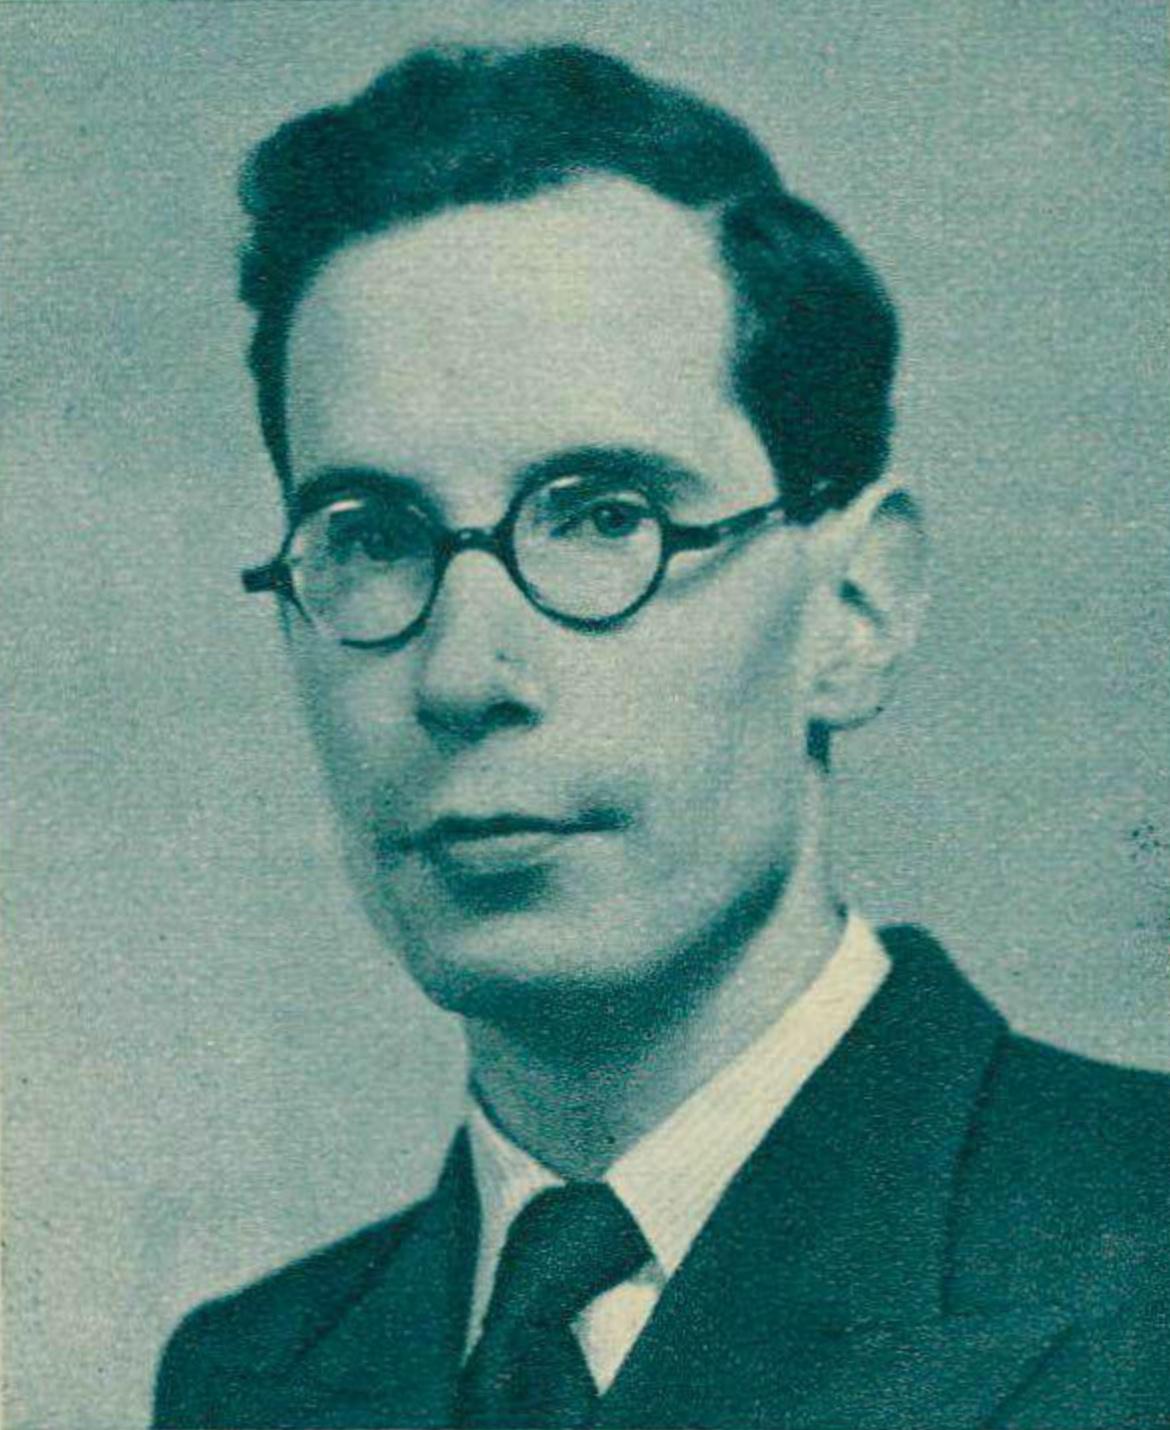 Pierre SEGOND vers 1943, Cliquer sur la photo pour une vue agrandie et les références